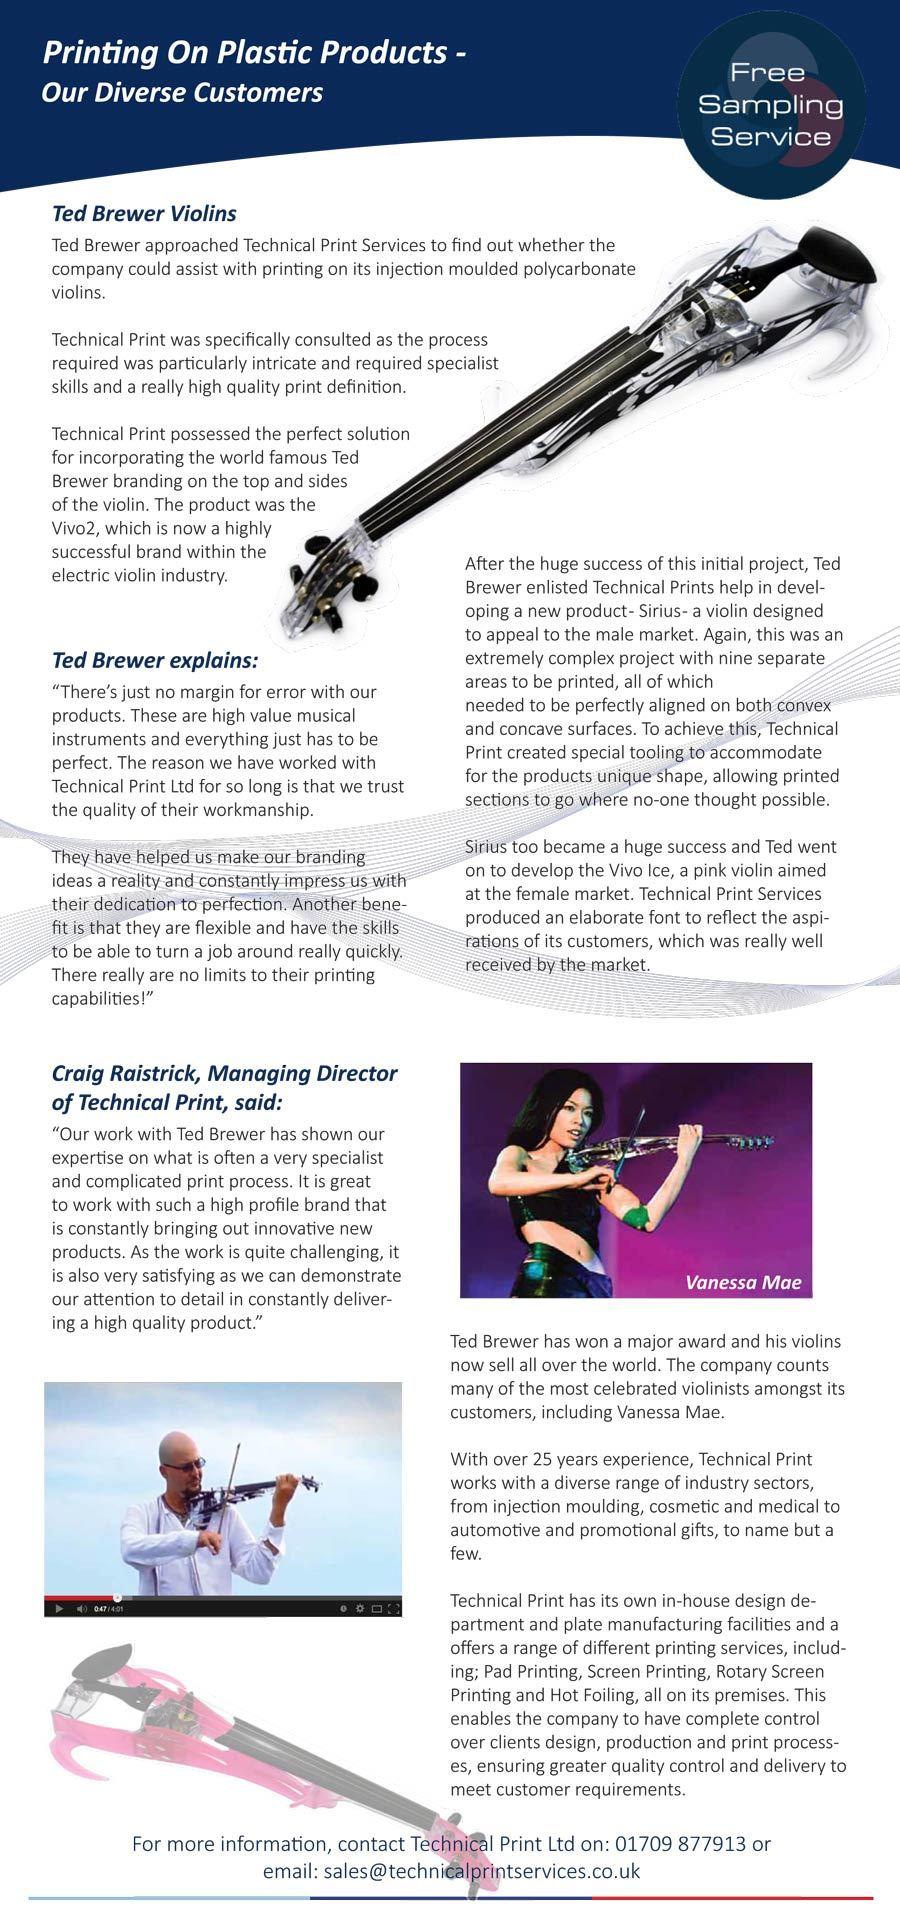 Ted Brewer Violins